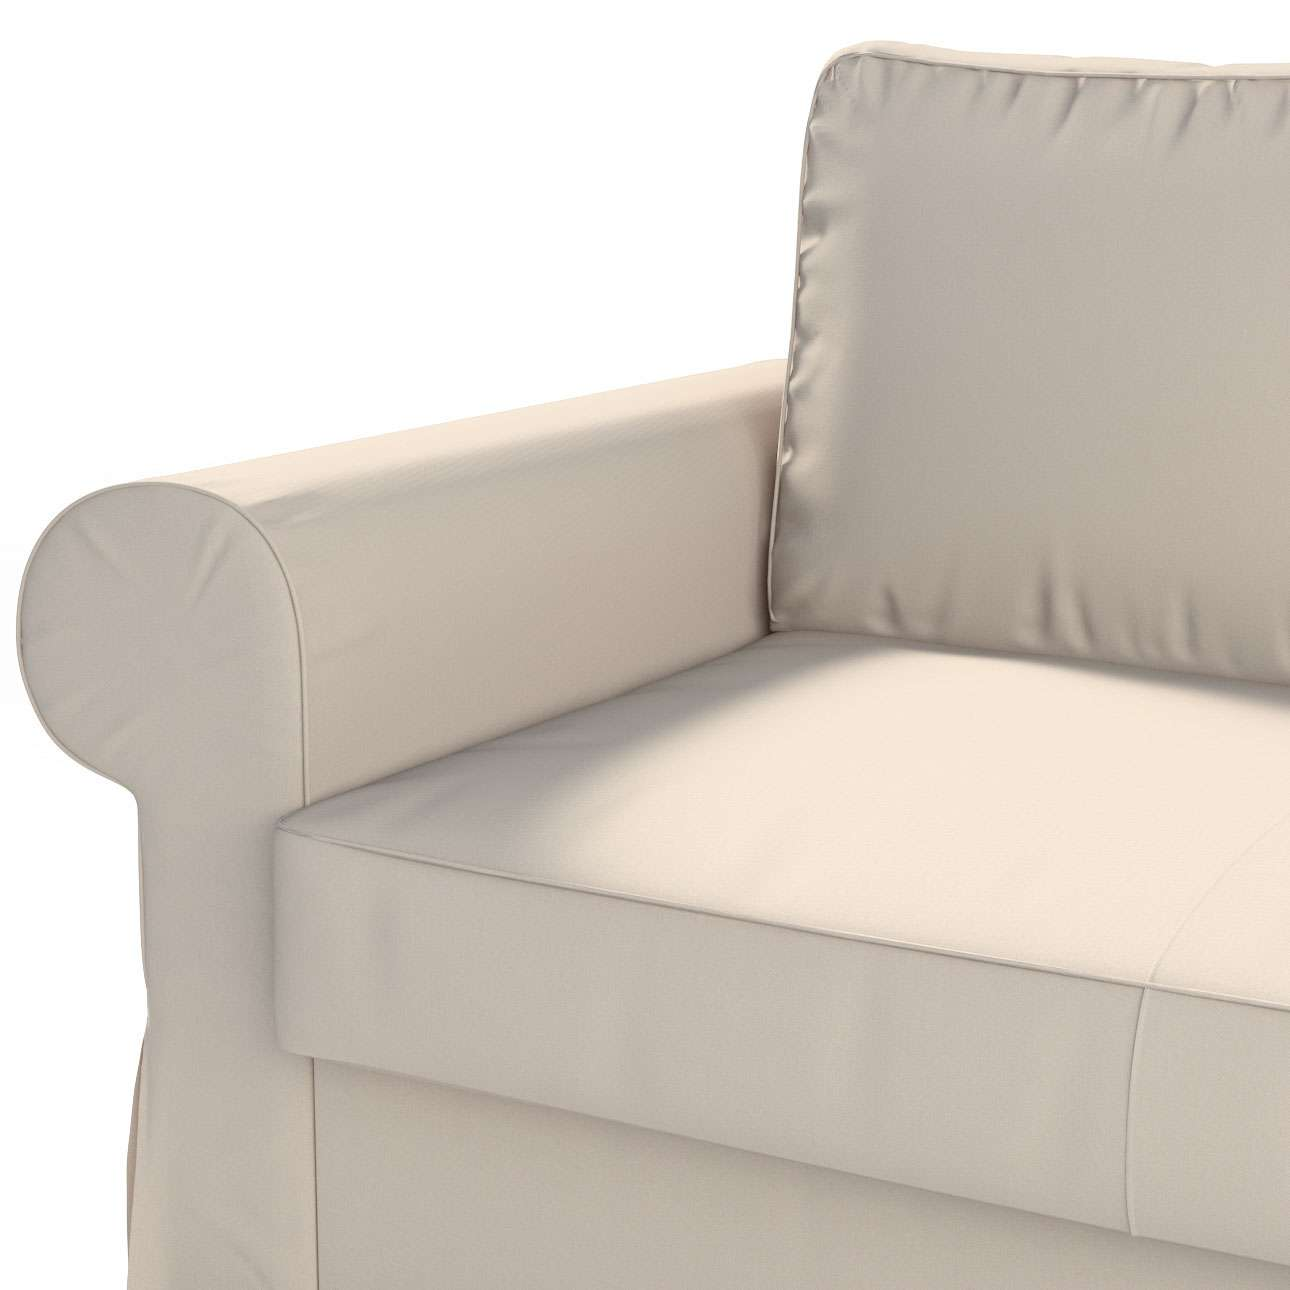 Pokrowiec na sofę Backabro 2-osobową rozkładaną sofa Backabro 2-osobowa rozkładana w kolekcji Etna , tkanina: 705-01